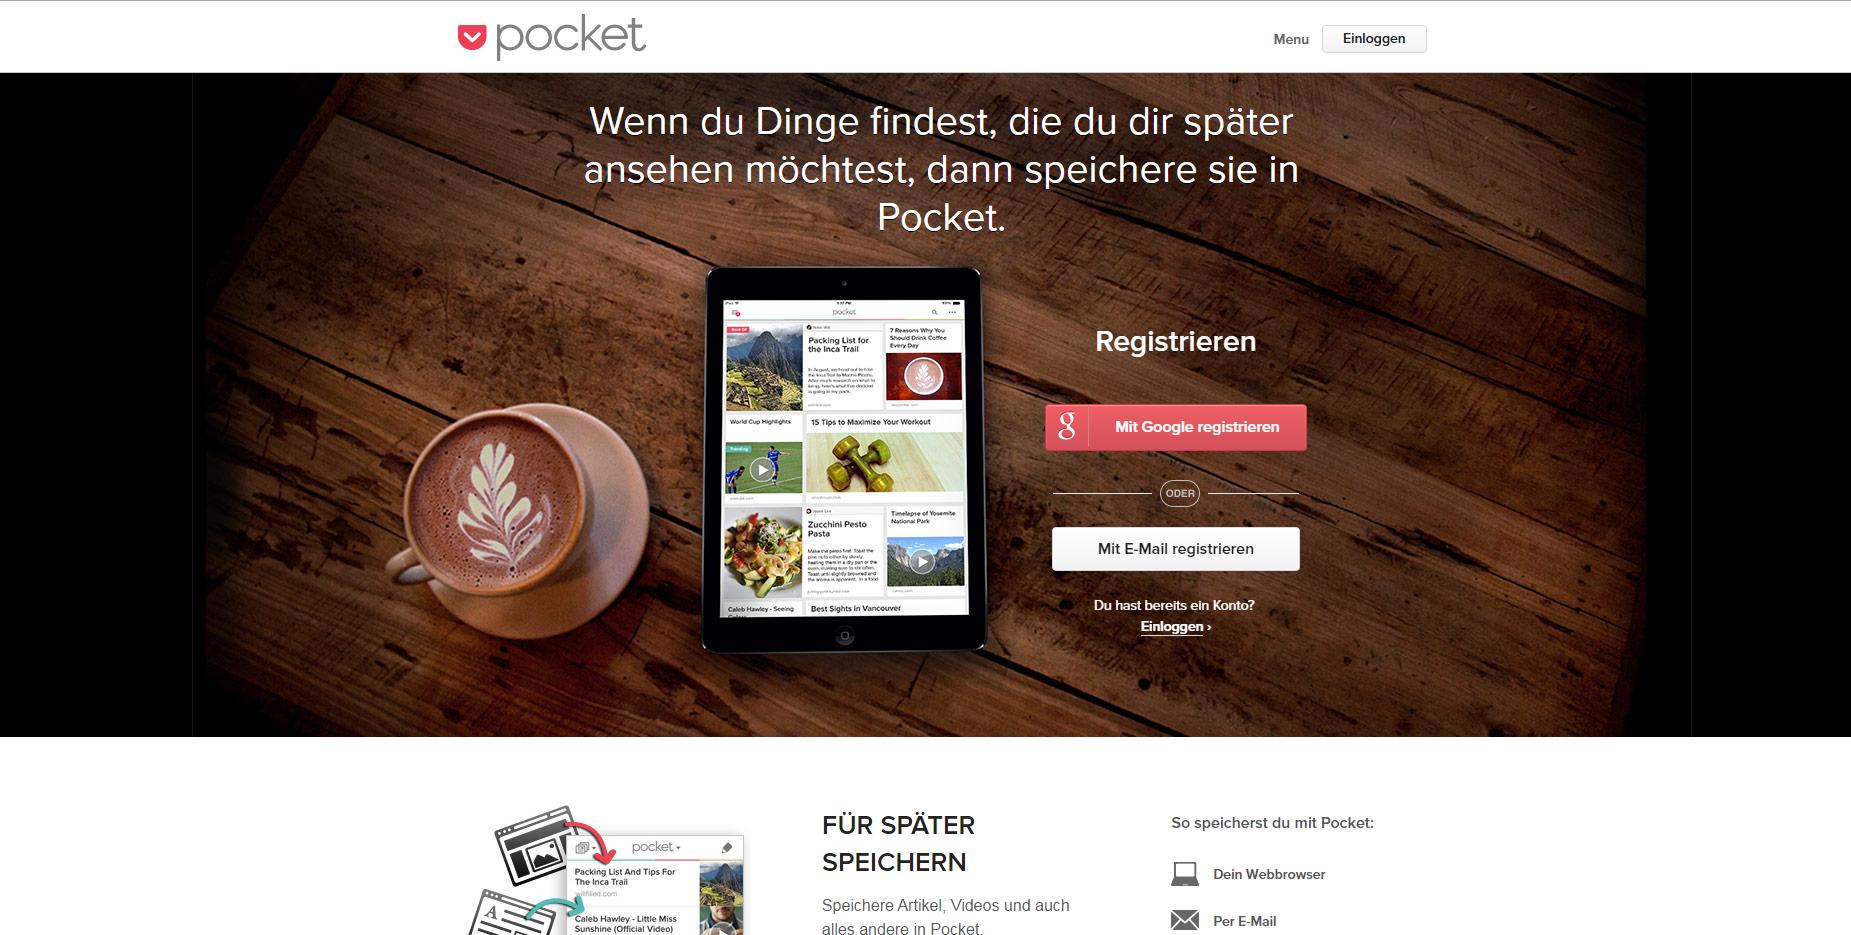 die besten Apps_Pocket